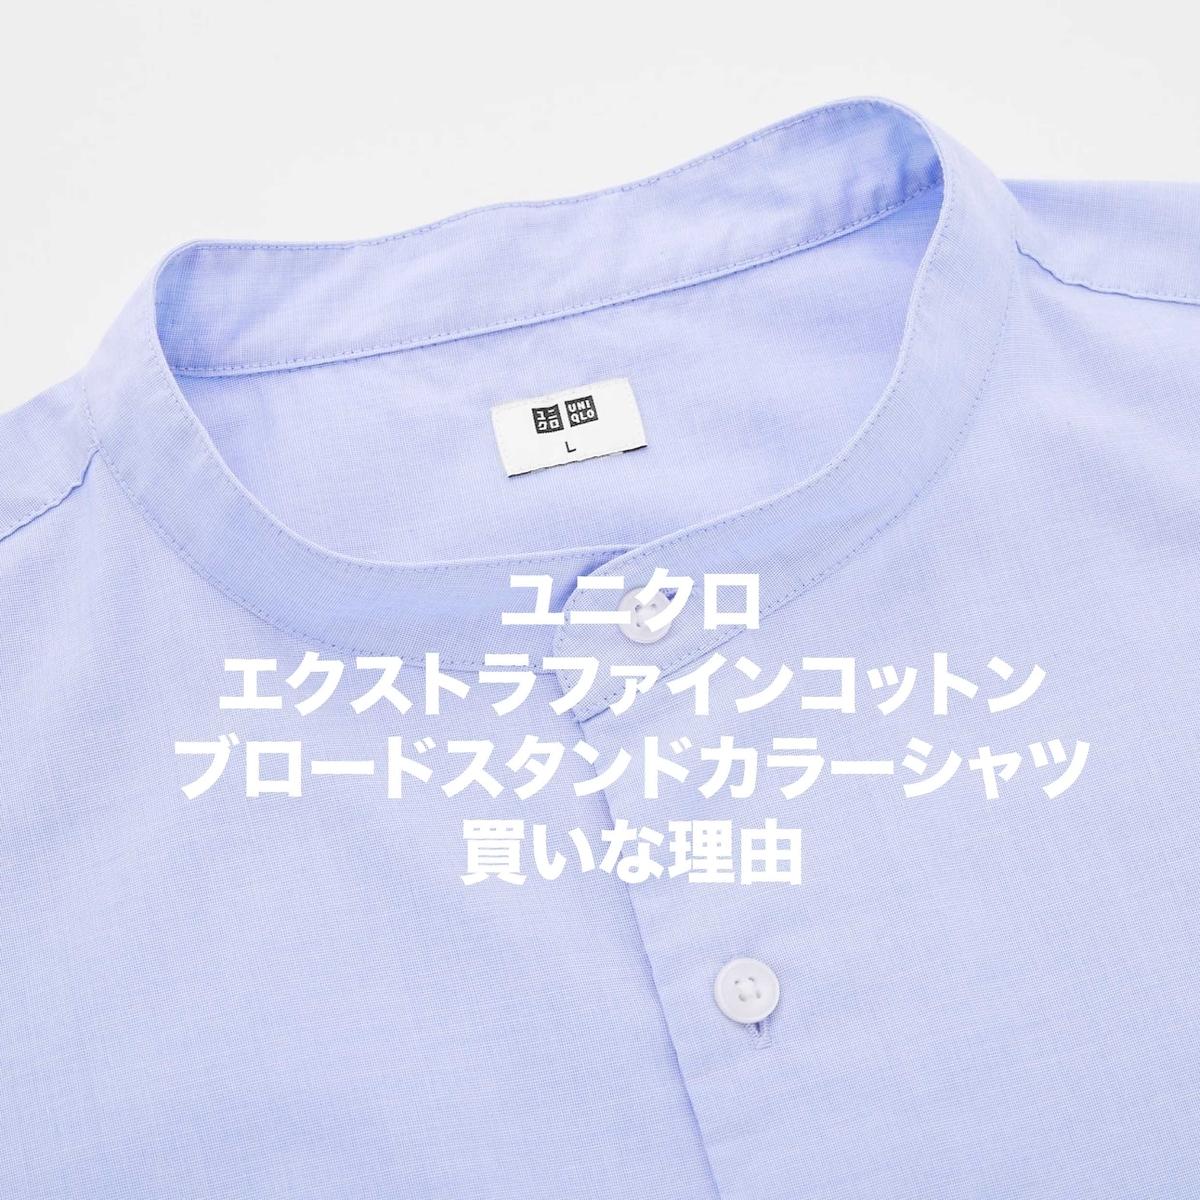 f:id:bo-yang:20200813075341j:plain